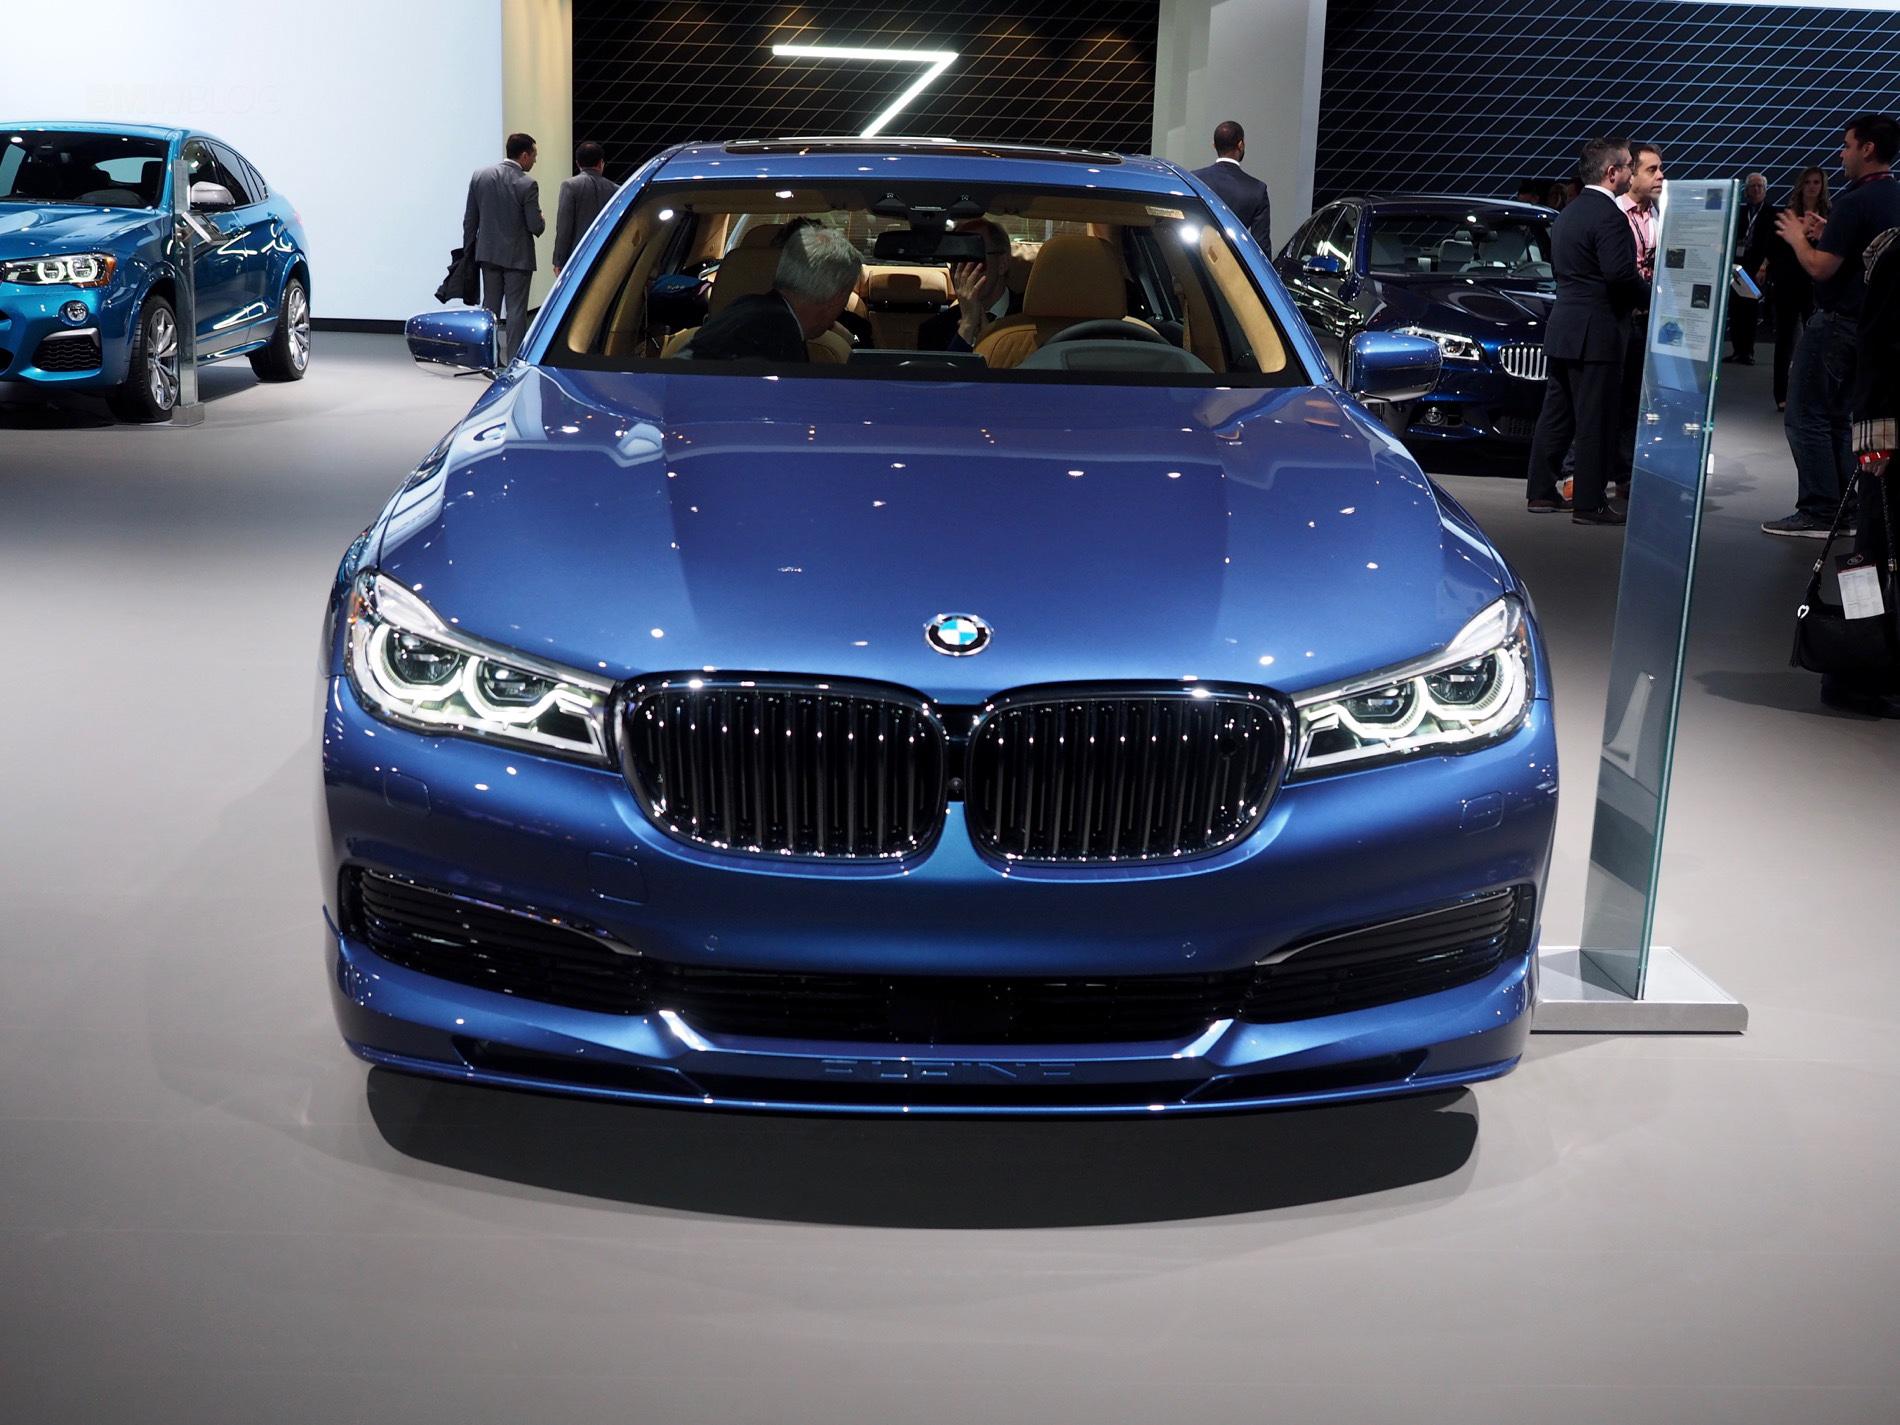 2016 BMW ALPINA B7 NYC Auto Show 9